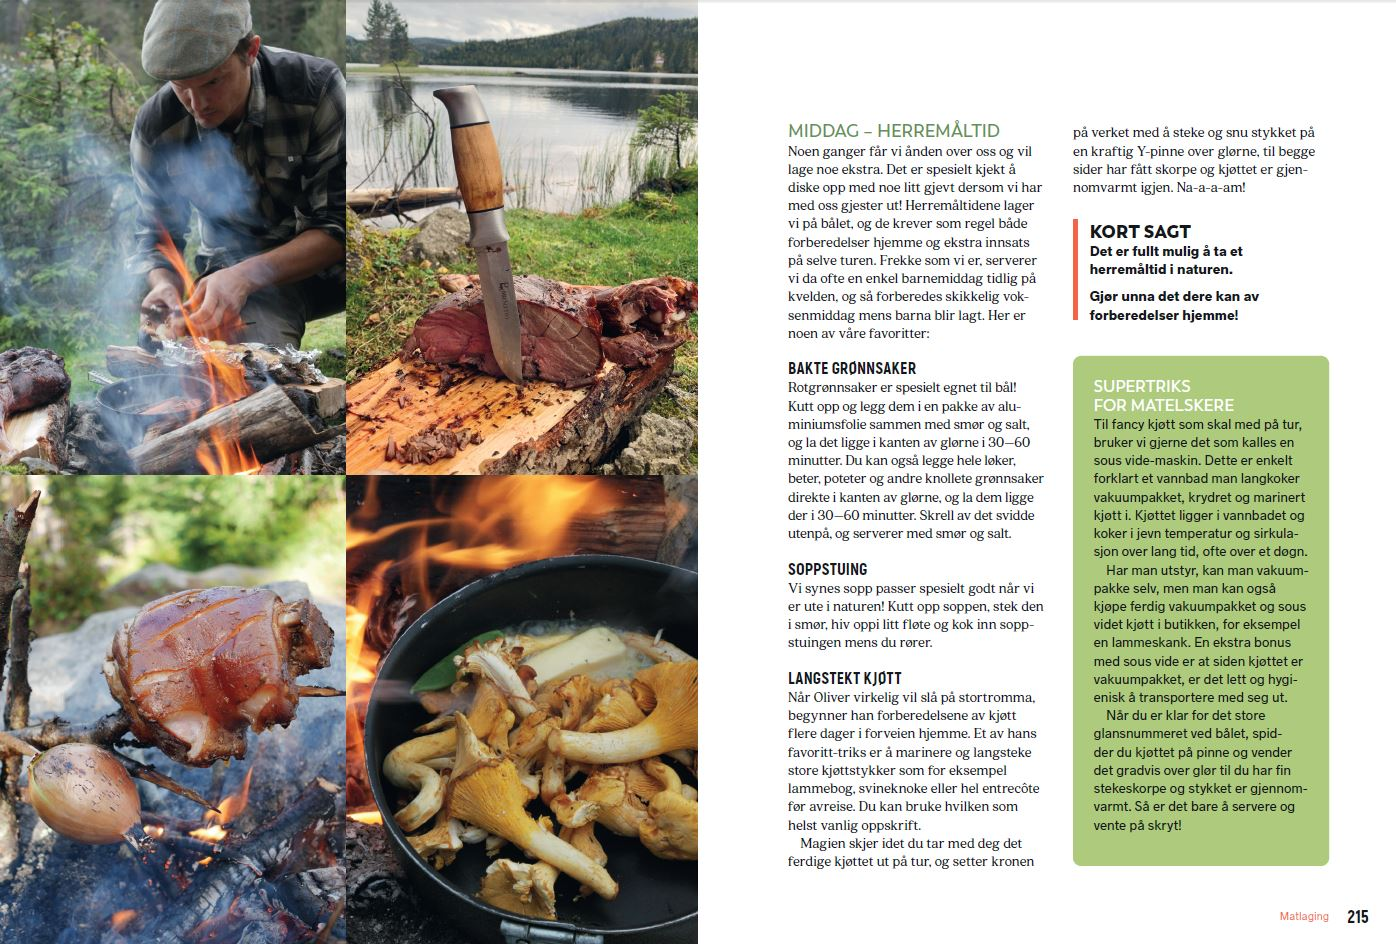 Utenetter har mange gode tips til matlaging på teltur